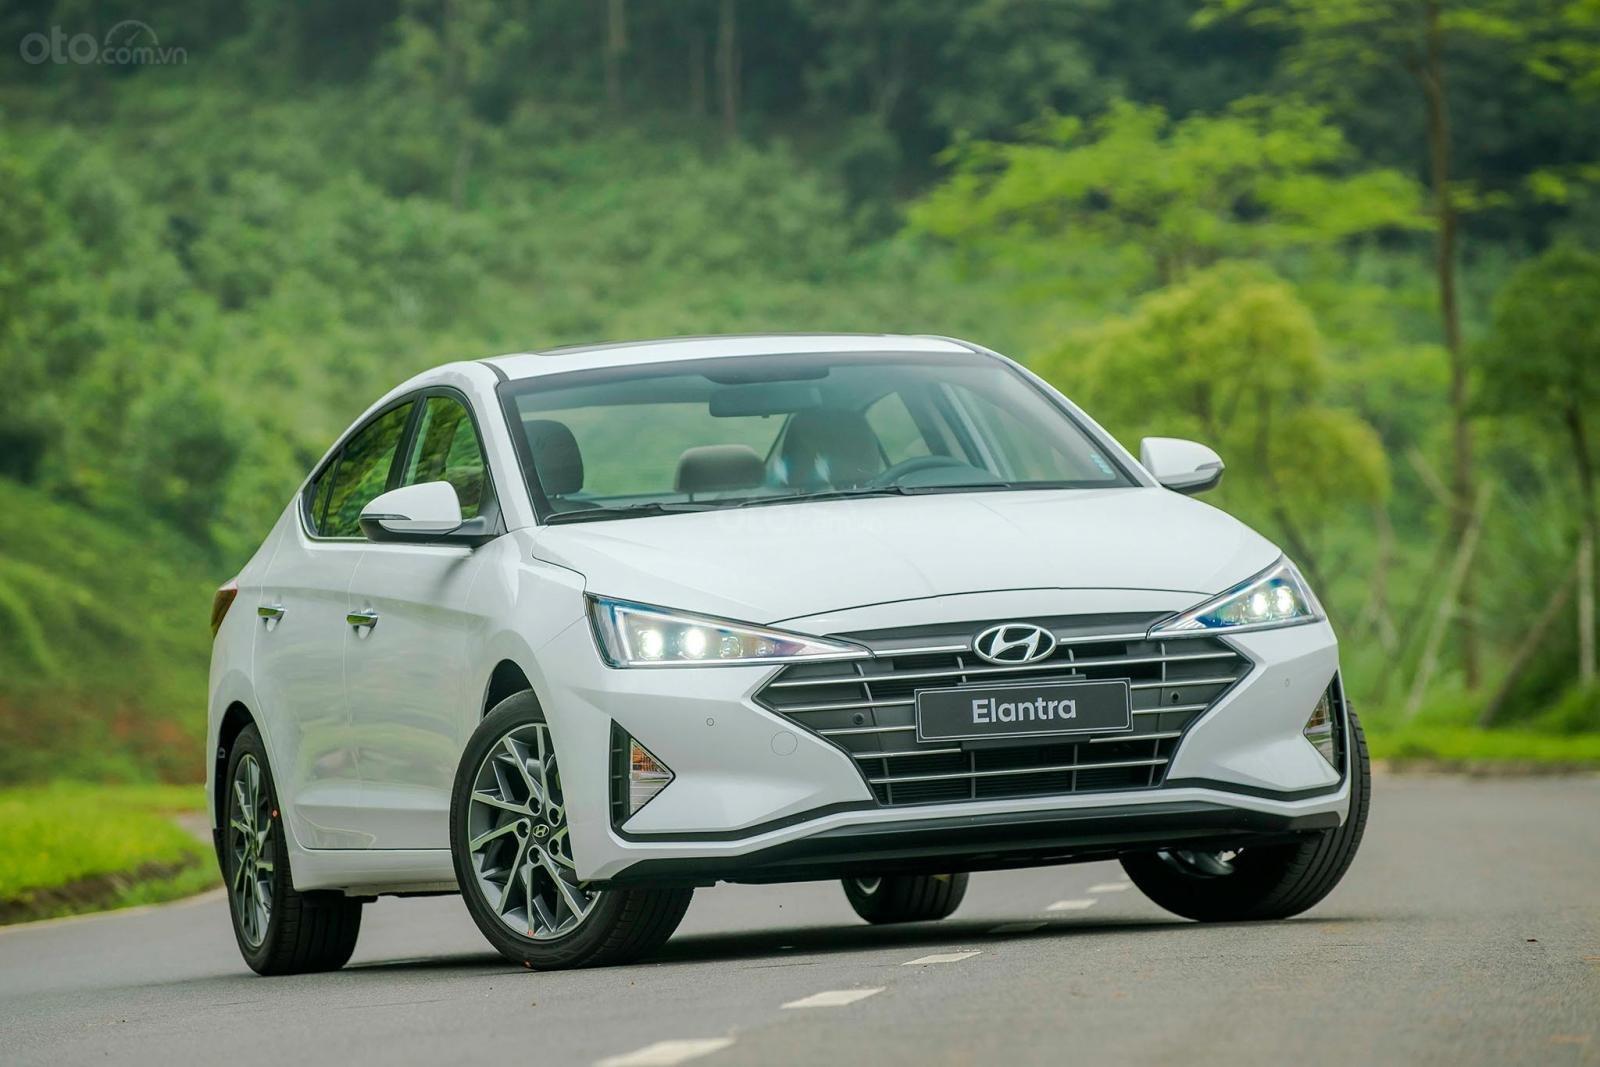 Cần bán Hyundai Elantra đời 2020, hỗ trợ vay ngân hàng 80% (1)